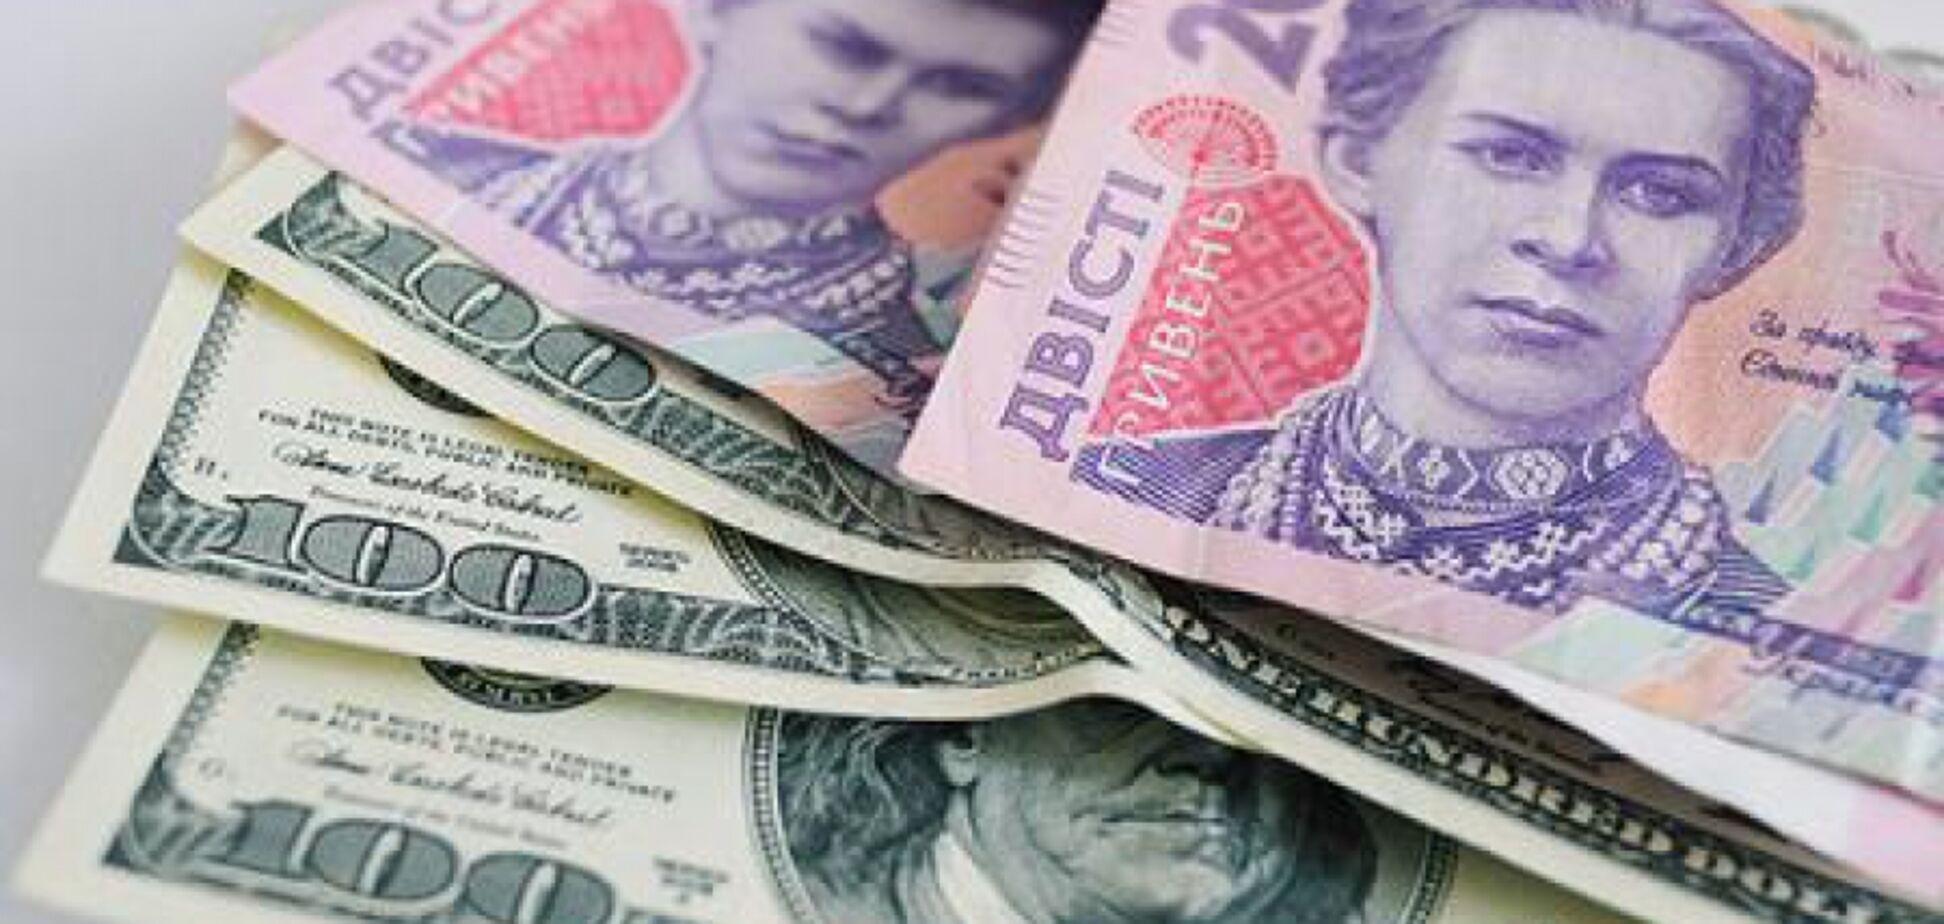 Обвал курса гривни в Украине: появился печальный прогноз на ближайшее время